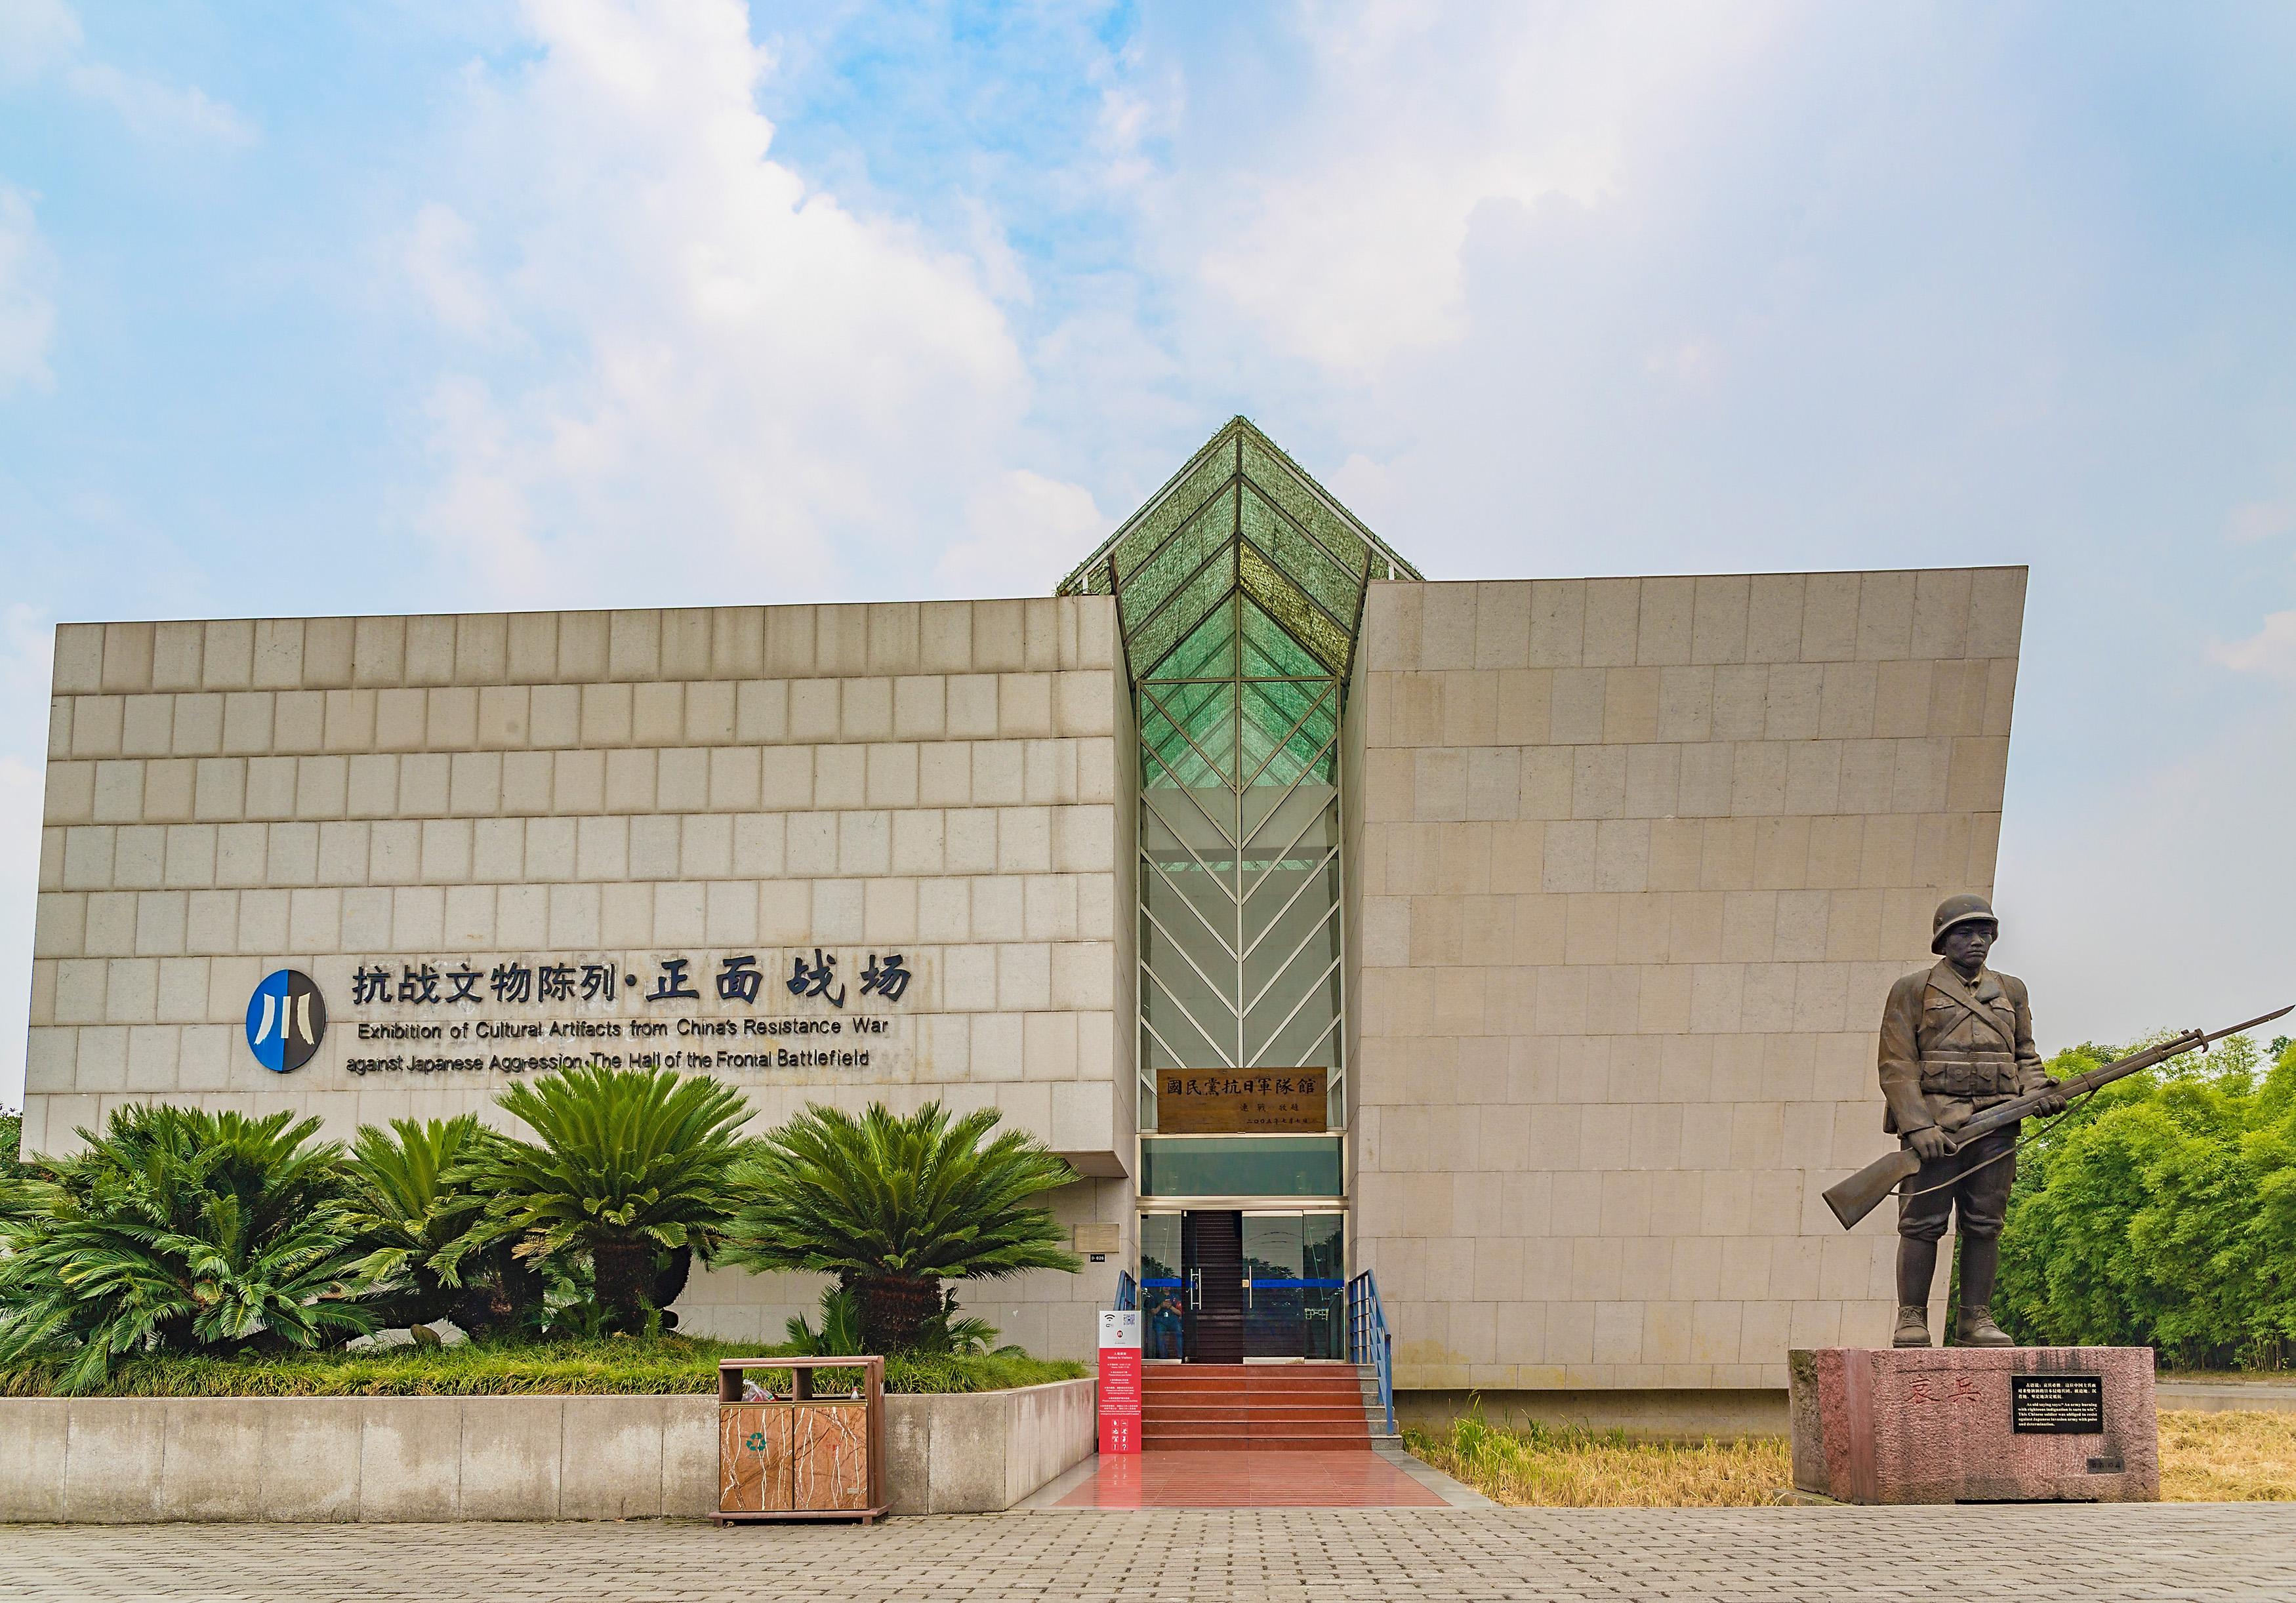 Jianchuan Museum Cluster Ticket